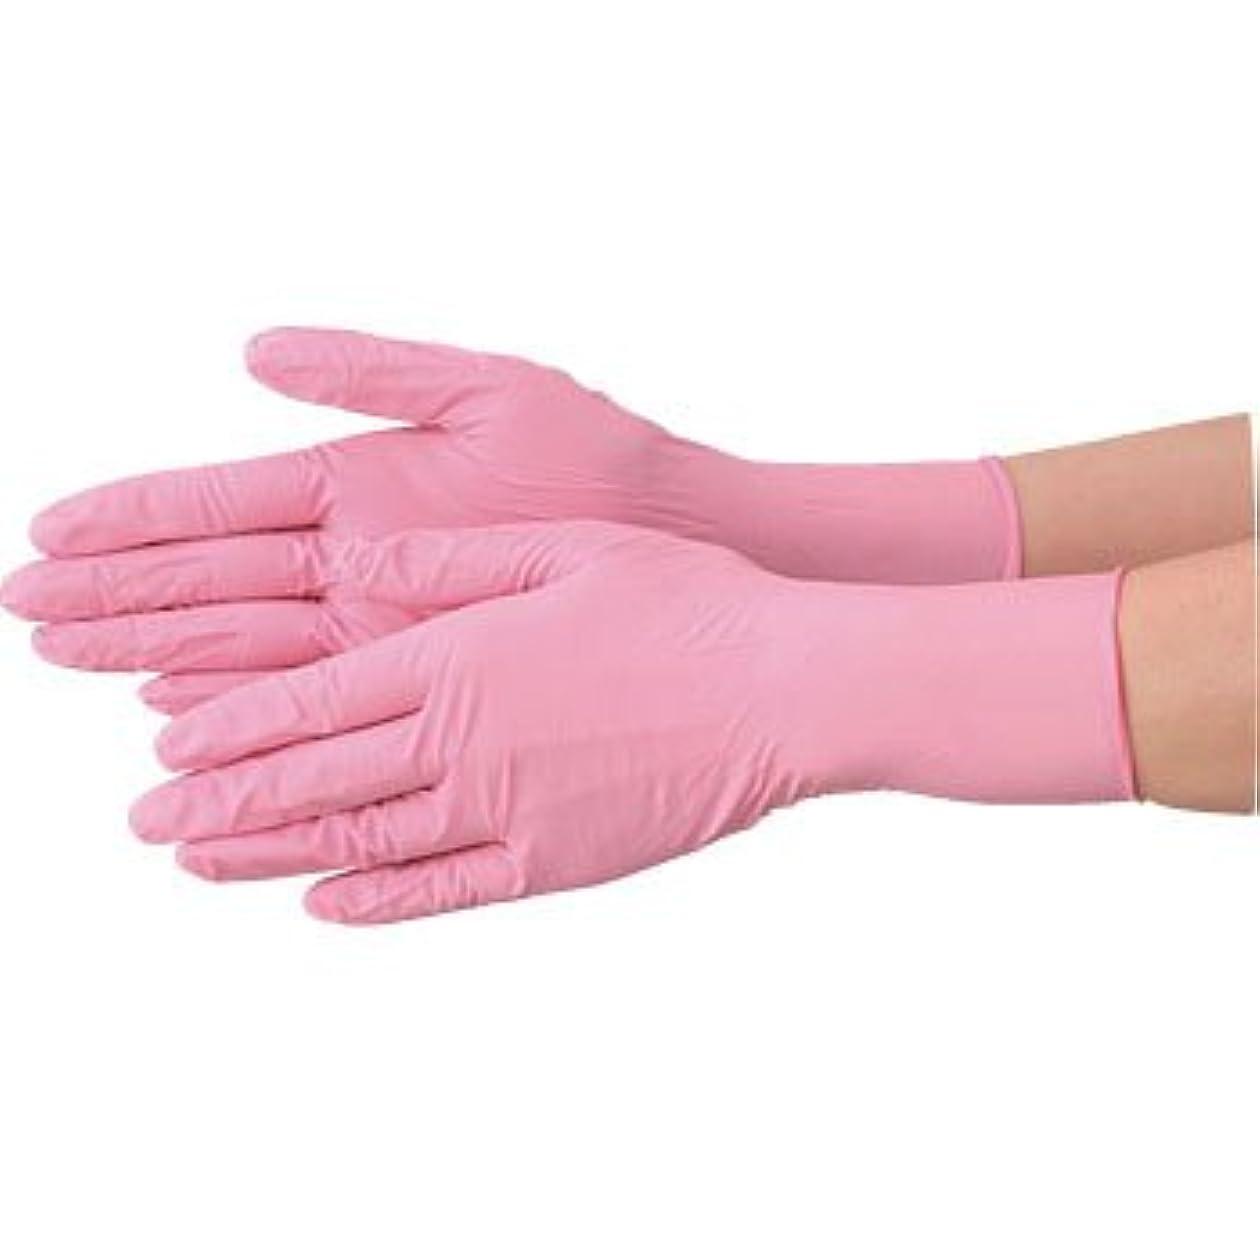 ウッズ口径市の中心部使い捨て 手袋 エブノ 570 ニトリル ピンク Sサイズ パウダーフリー 2ケース(100枚×60箱)